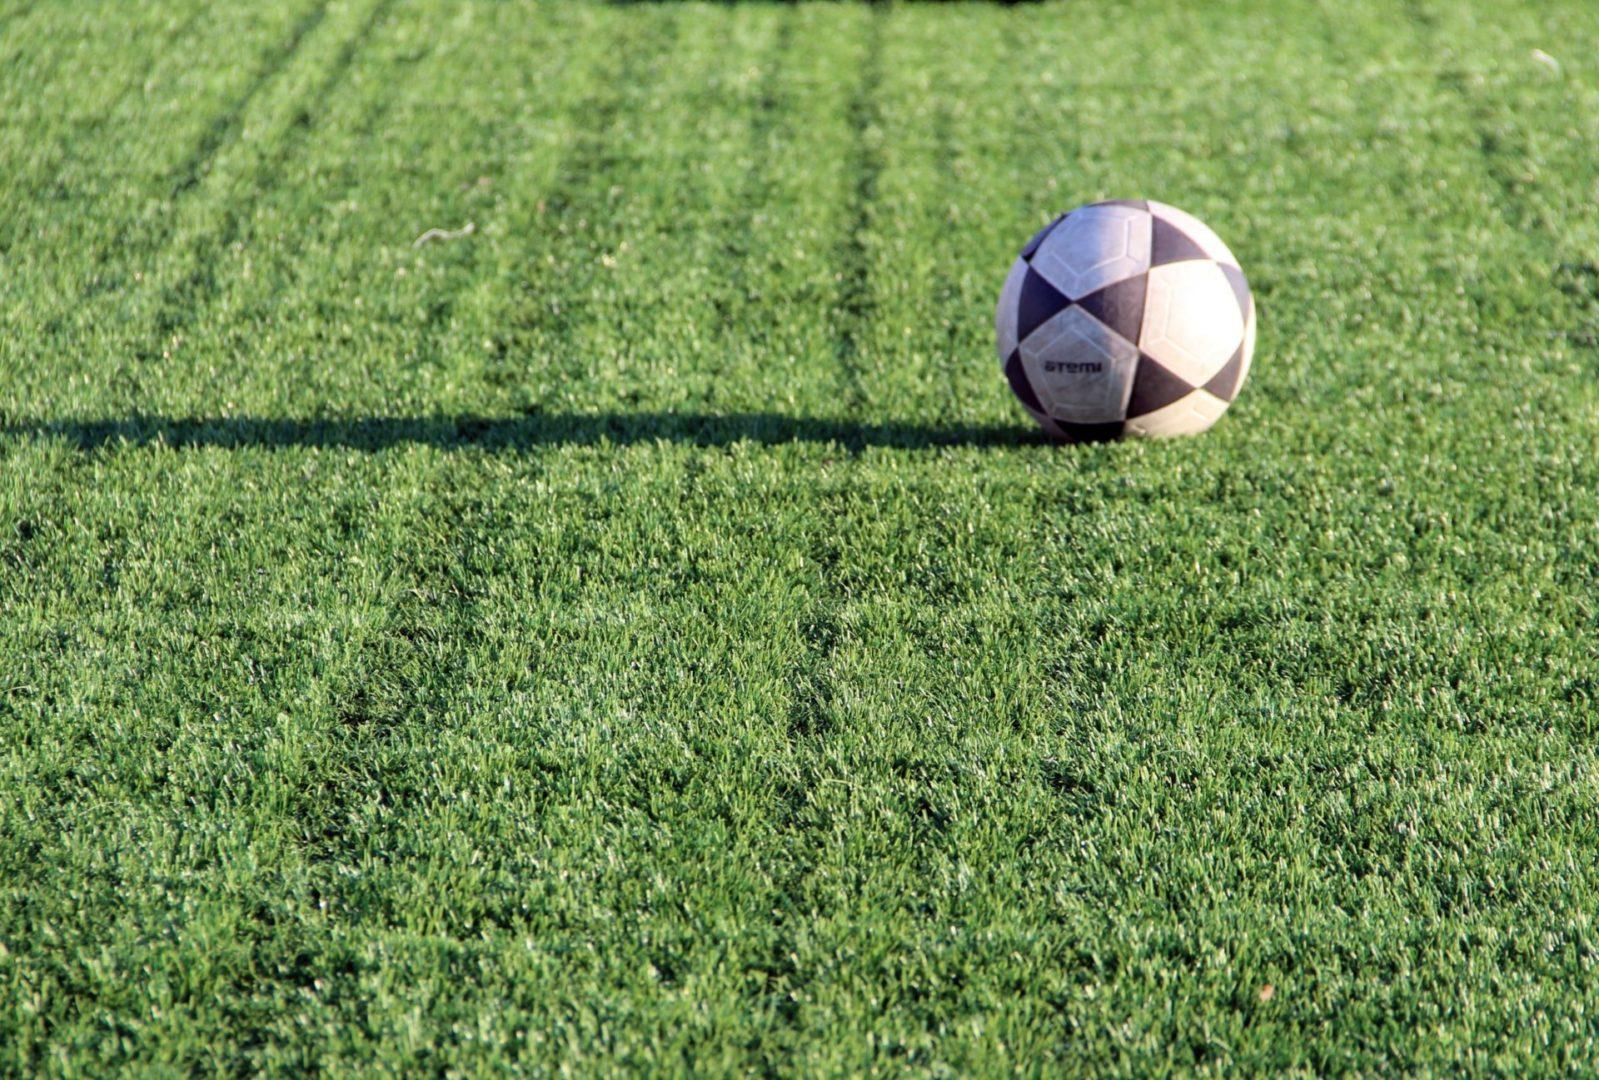 В Иркутске завершают реконструкцию футбольного поля школы №77